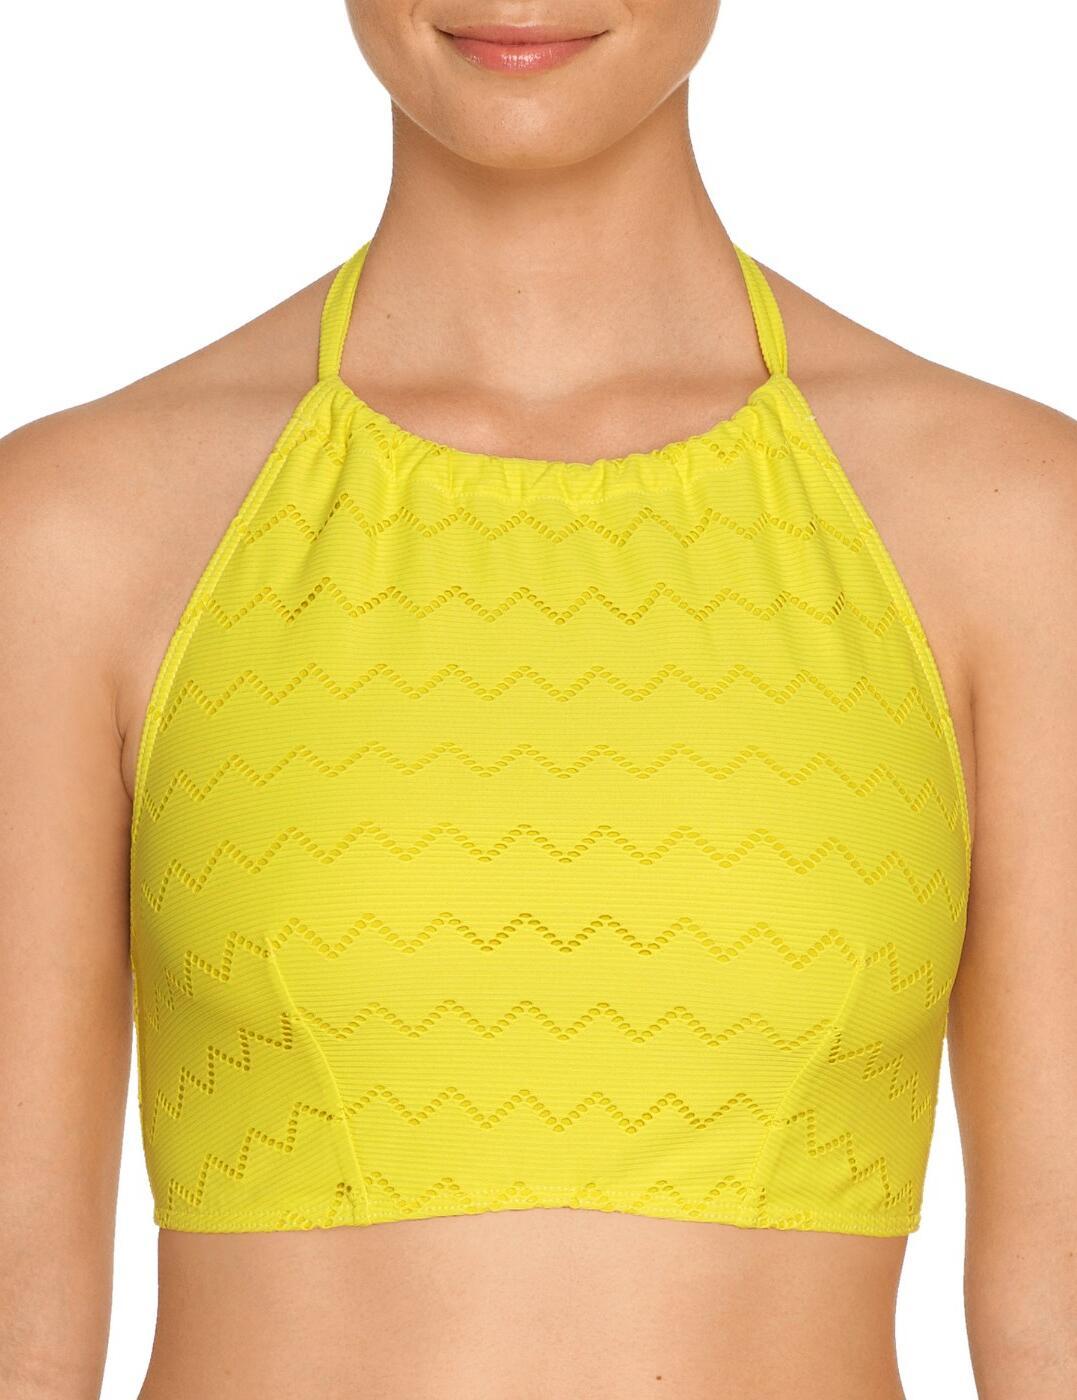 4004388 Prima Donna Maya Swimwear Top - 4004388 Canary